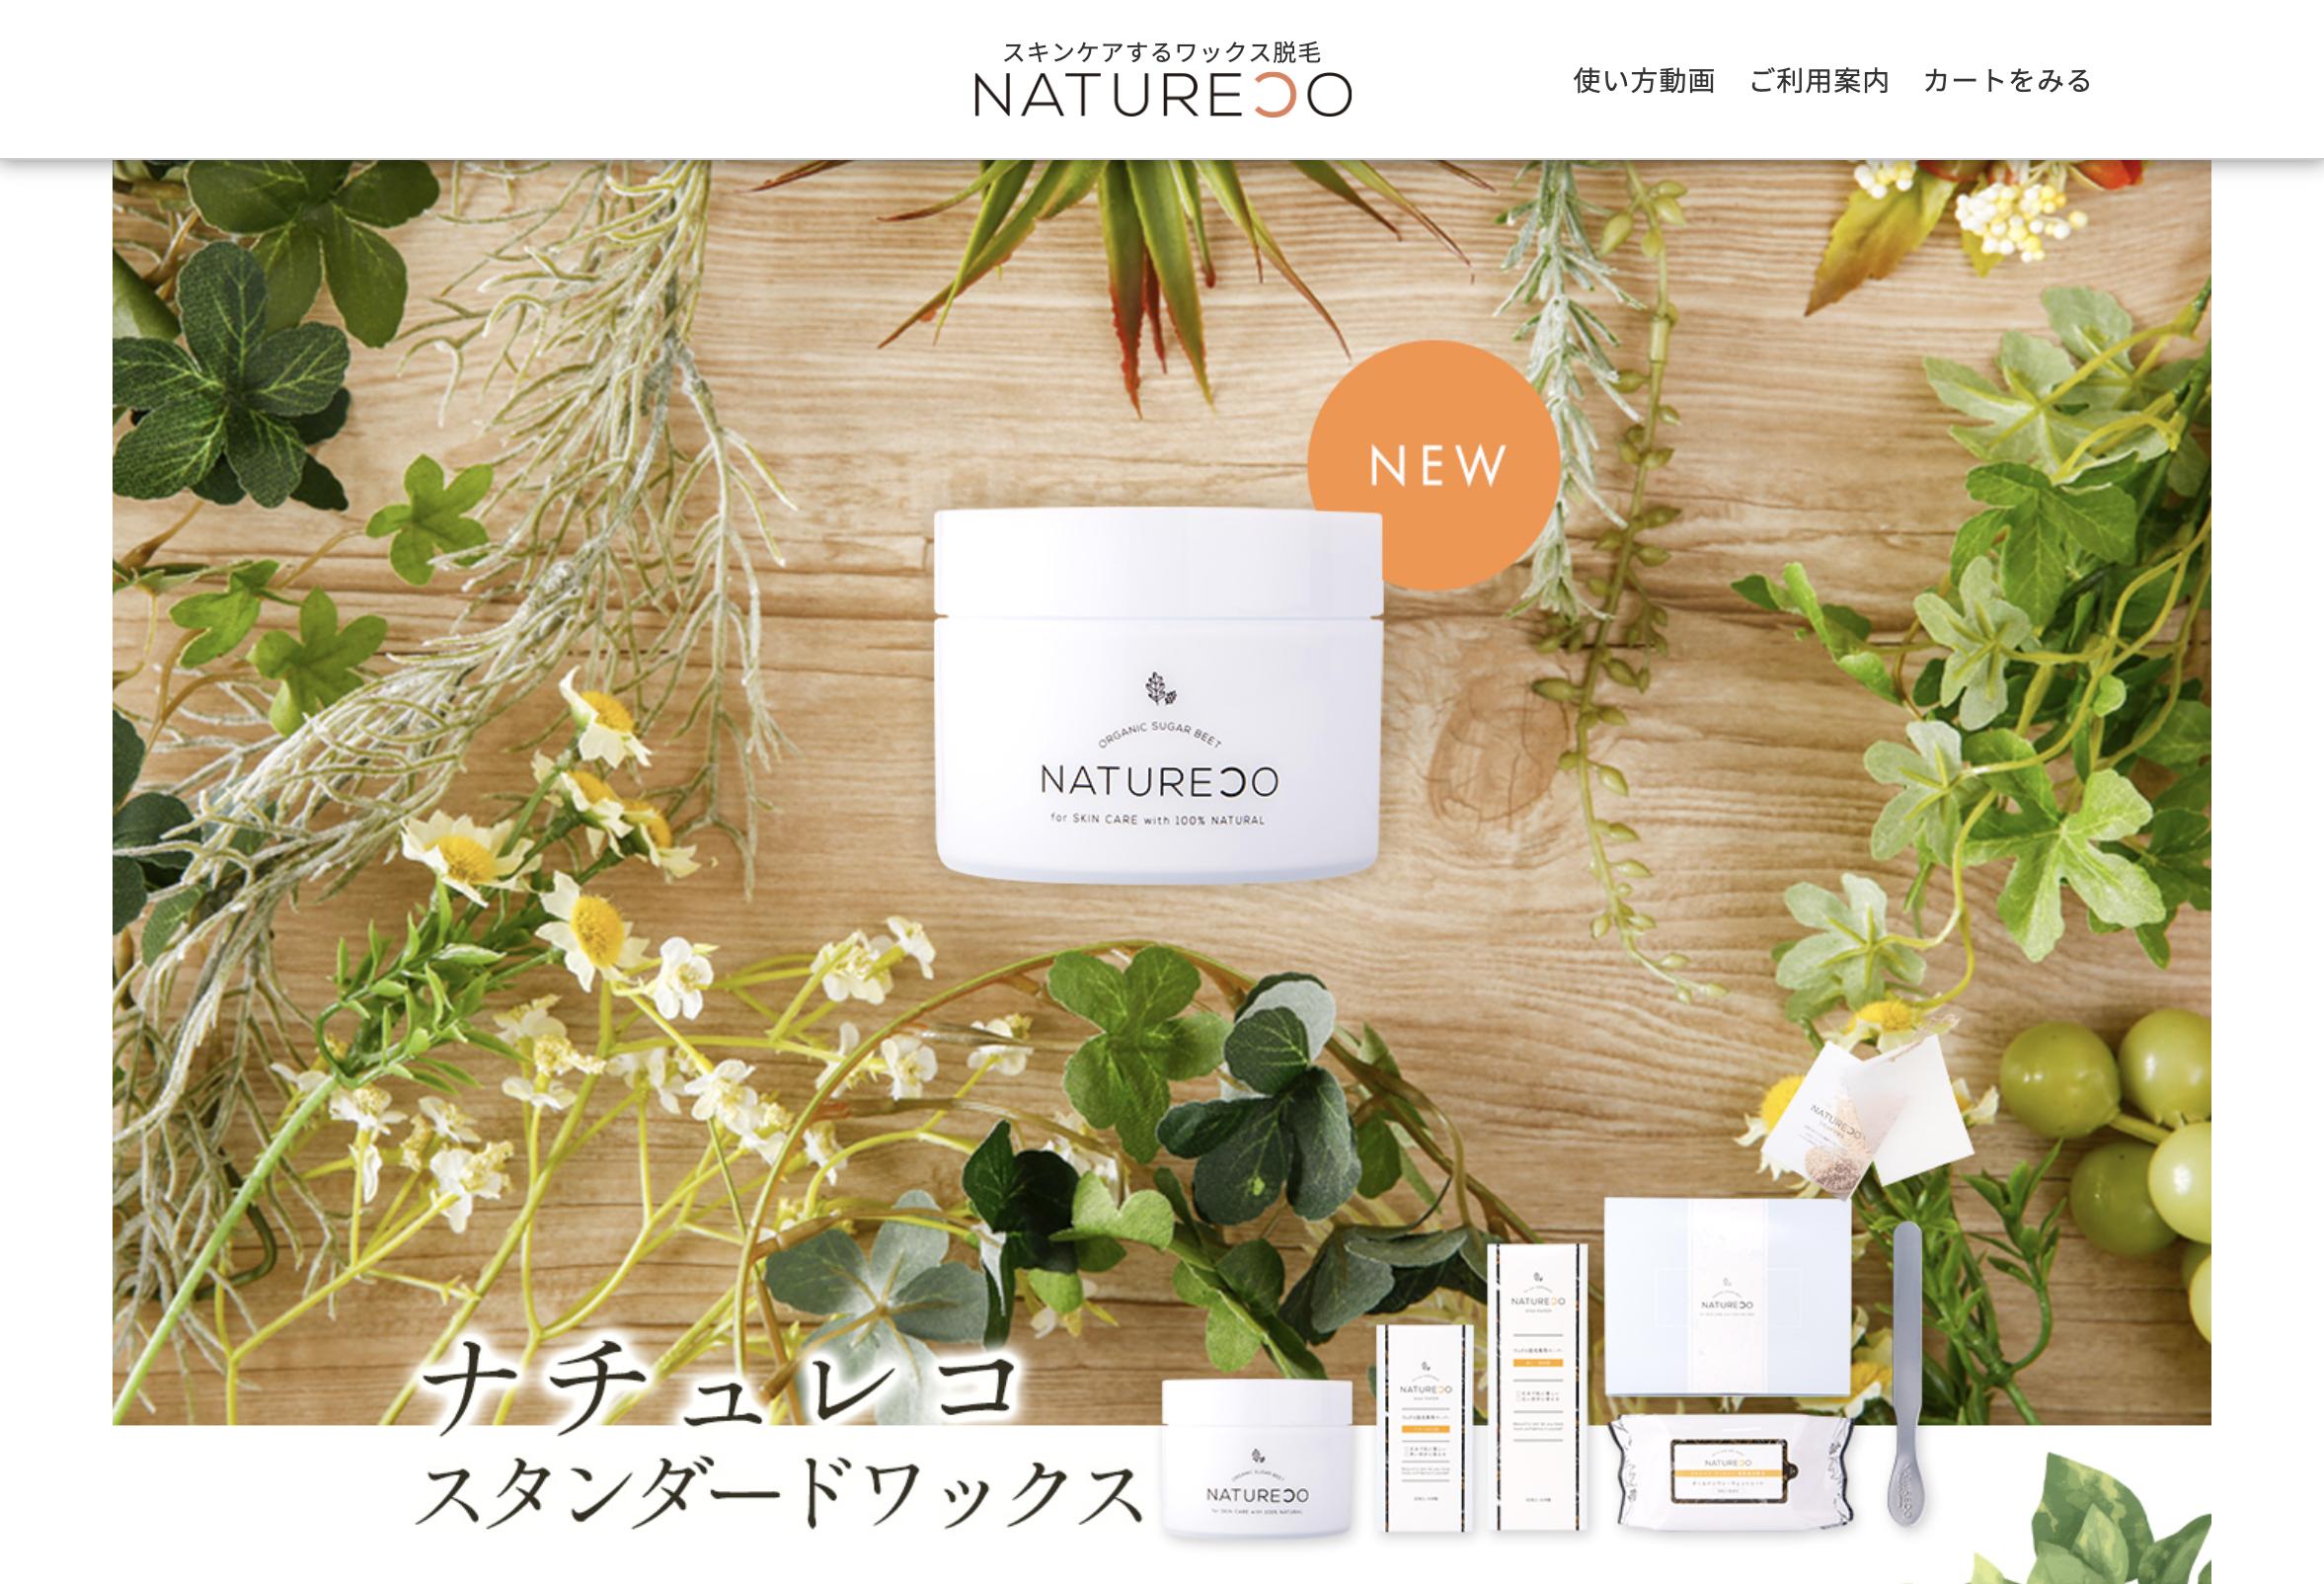 NATURECO公式サイトオープンいたしました。